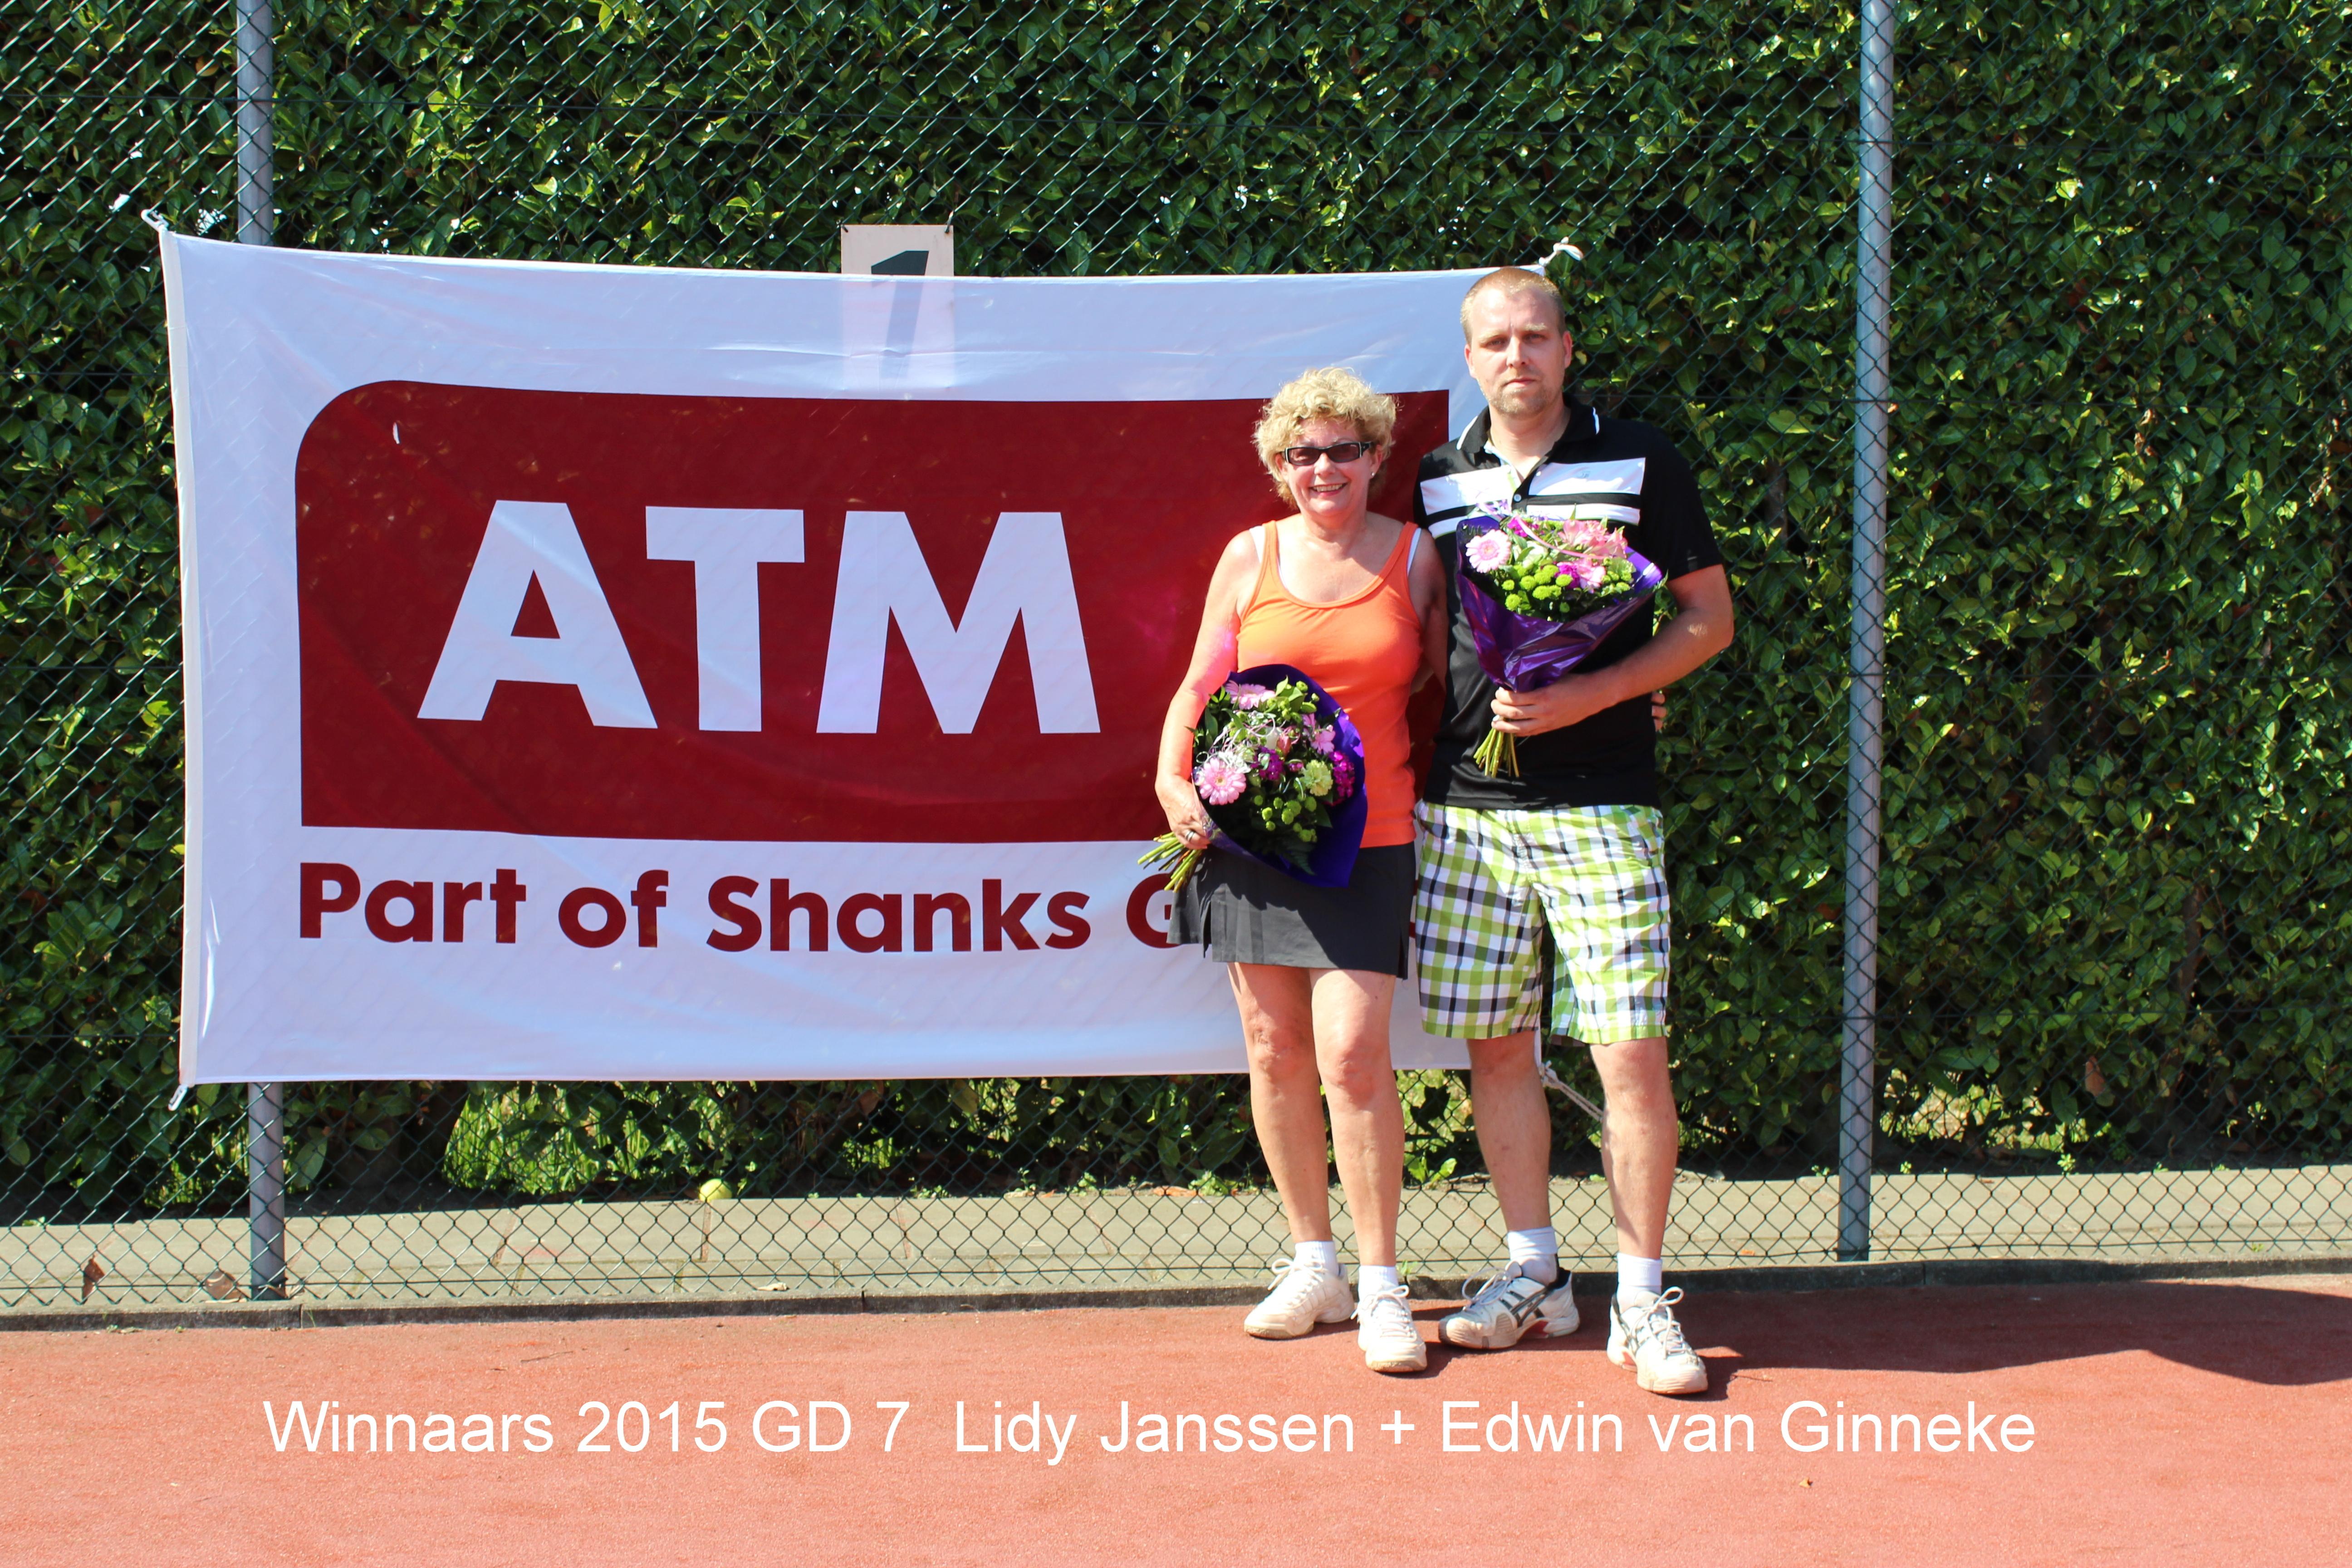 Winnaars 2015 GD 7